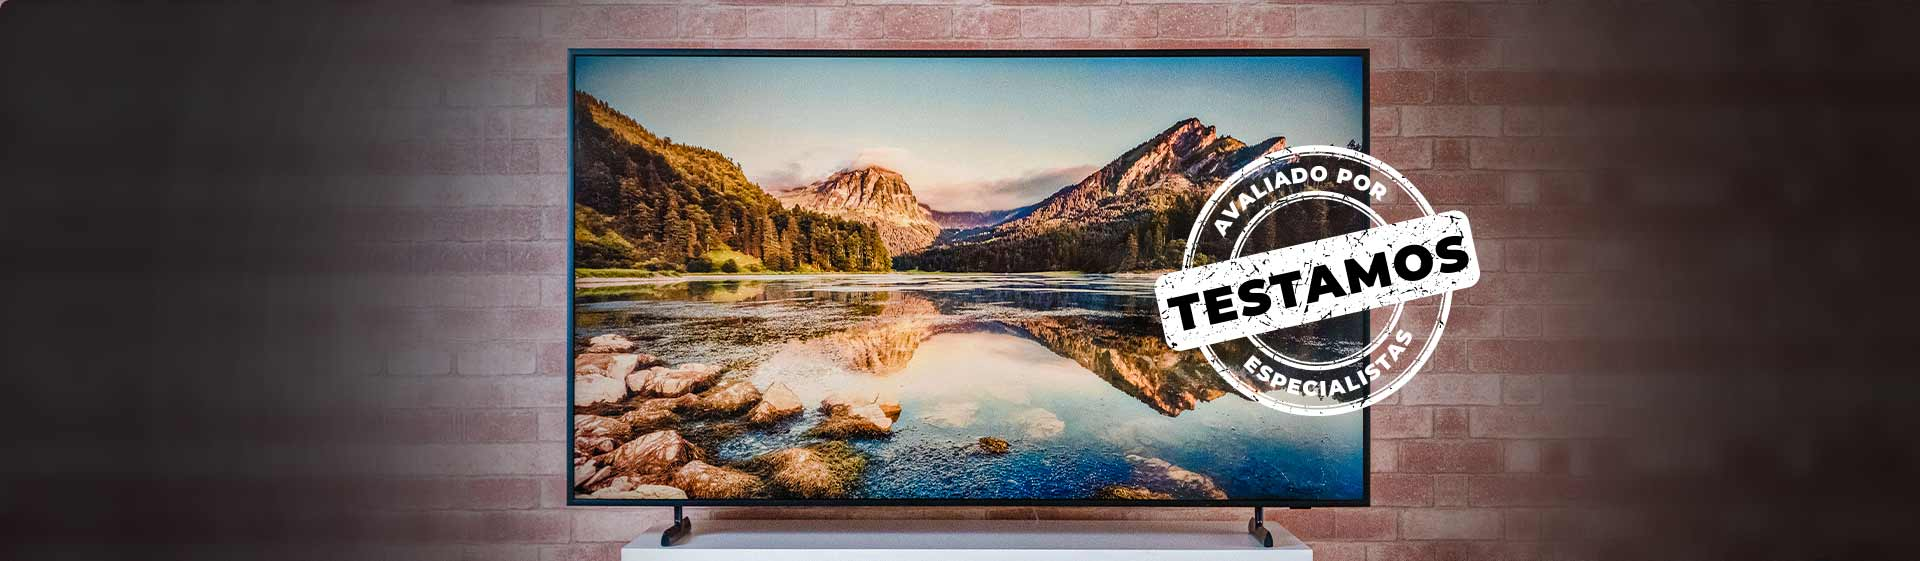 The Frame: TV Samsung tem imagem e recursos premium, mas preço alto